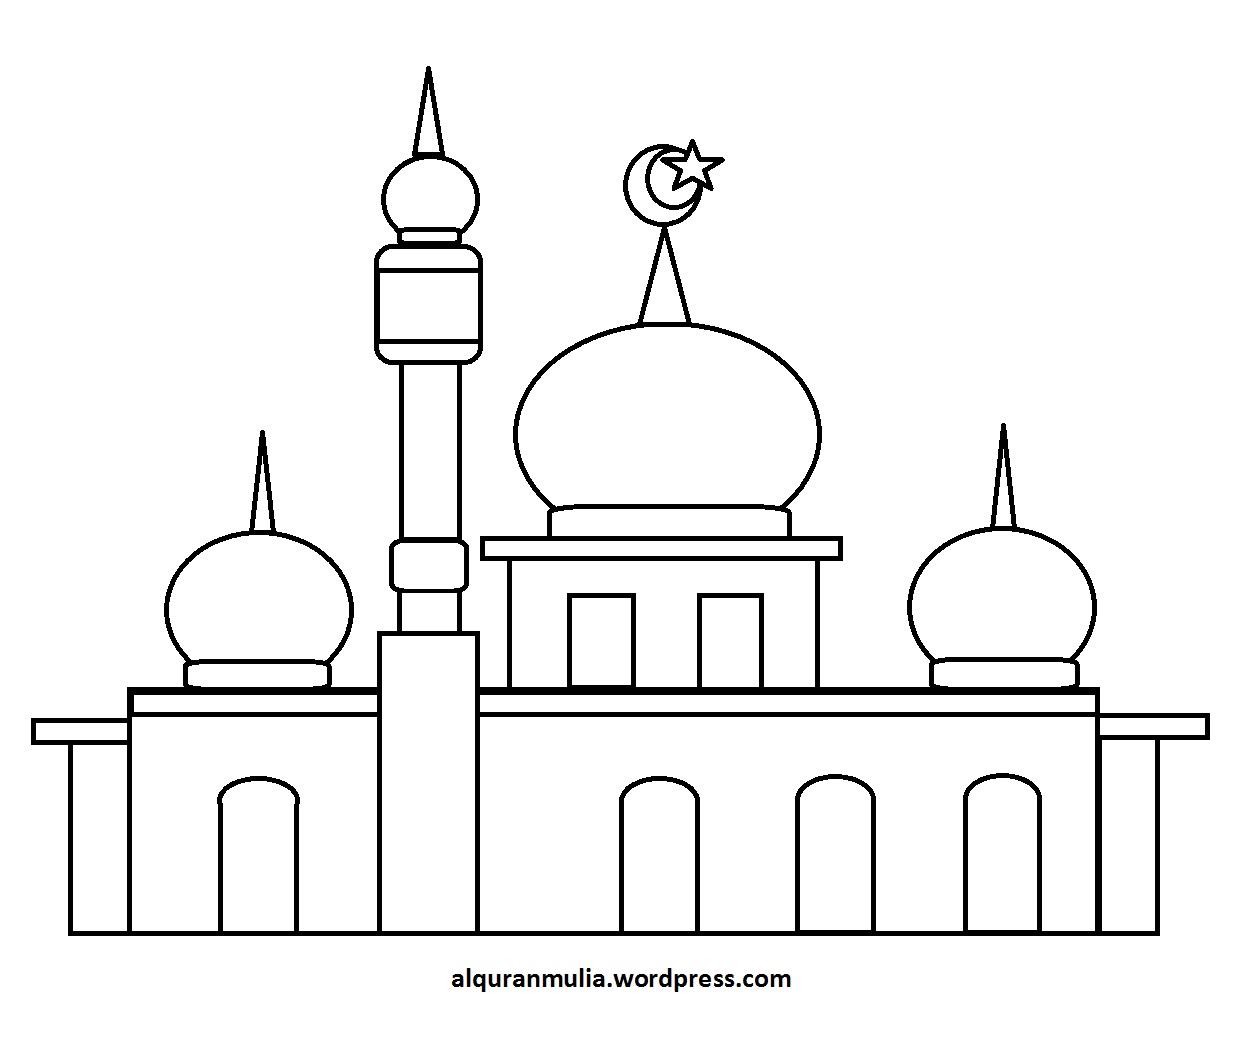 Mewarnai Gambar Masjid 33 Anak Muslim  alquranmulia